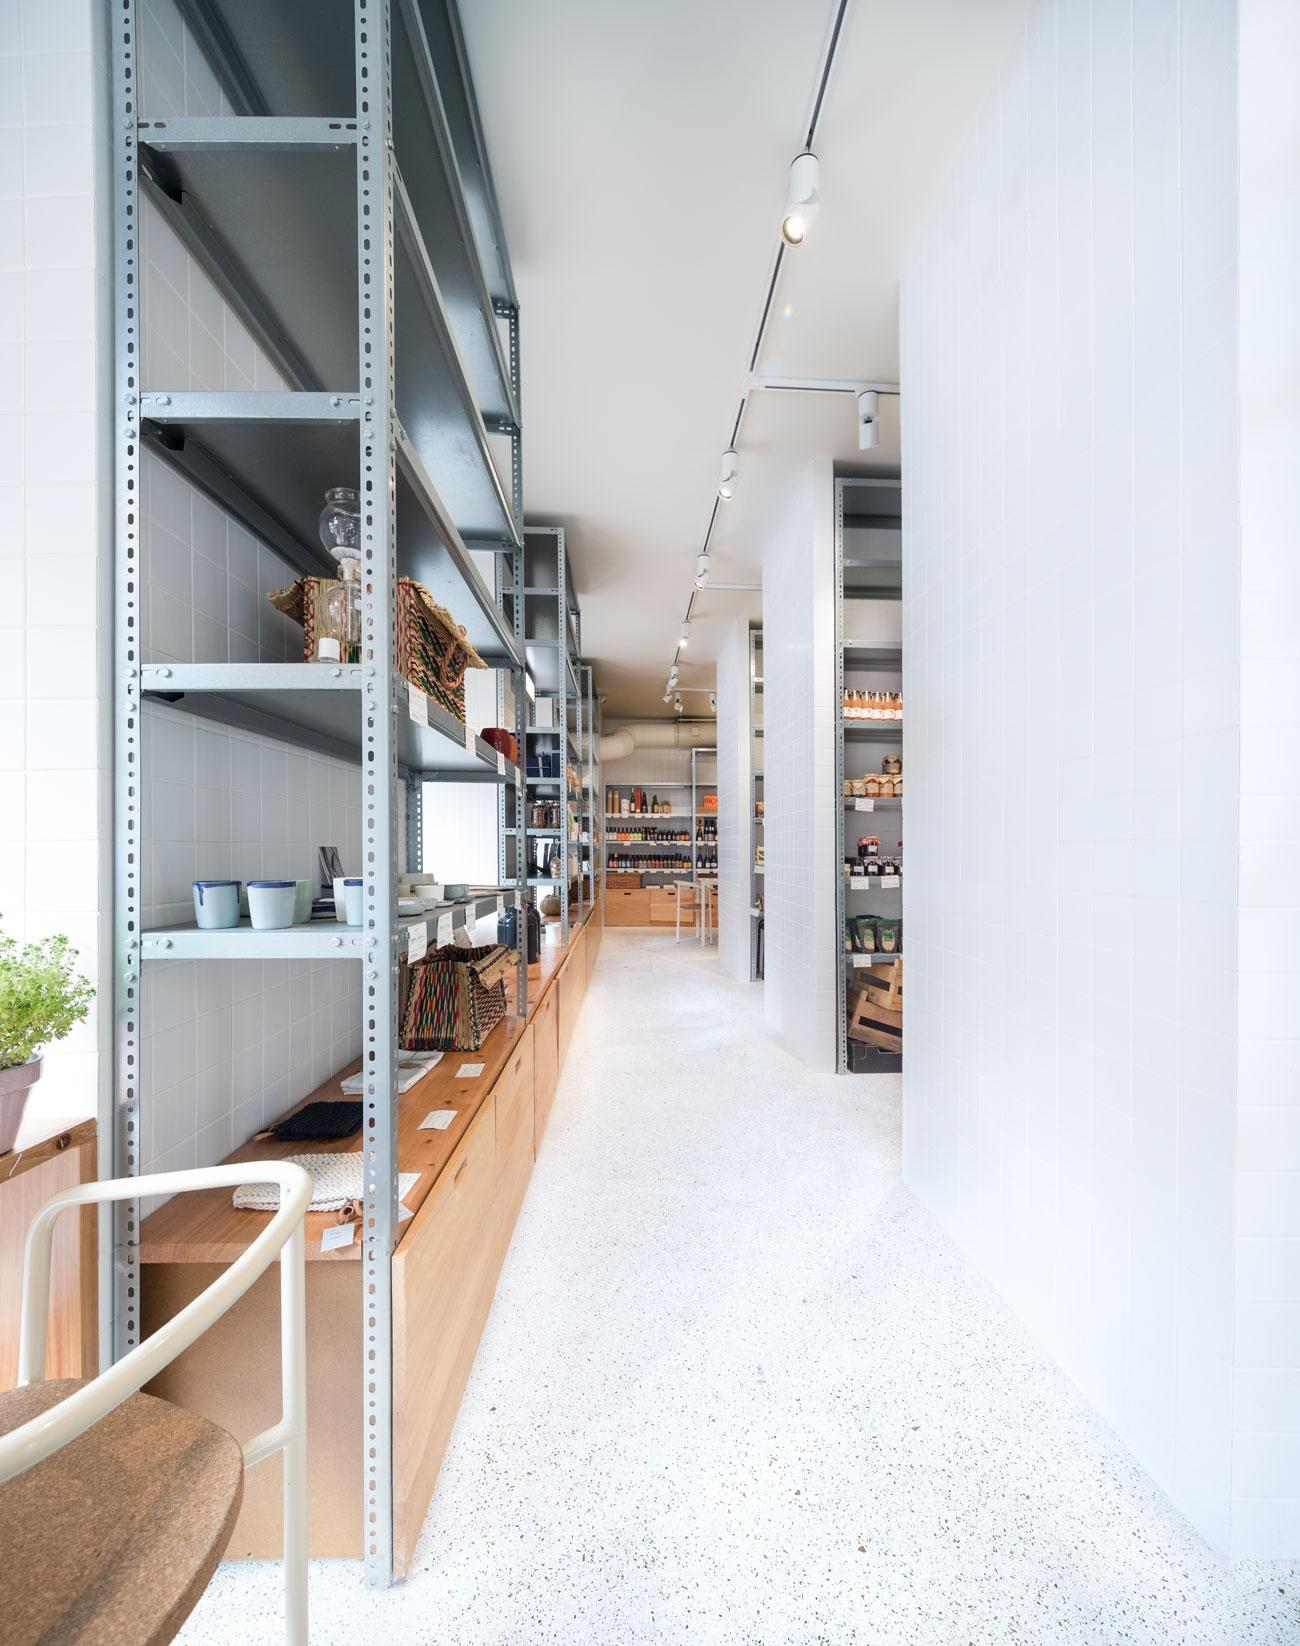 dc ad comida independente architecture 10